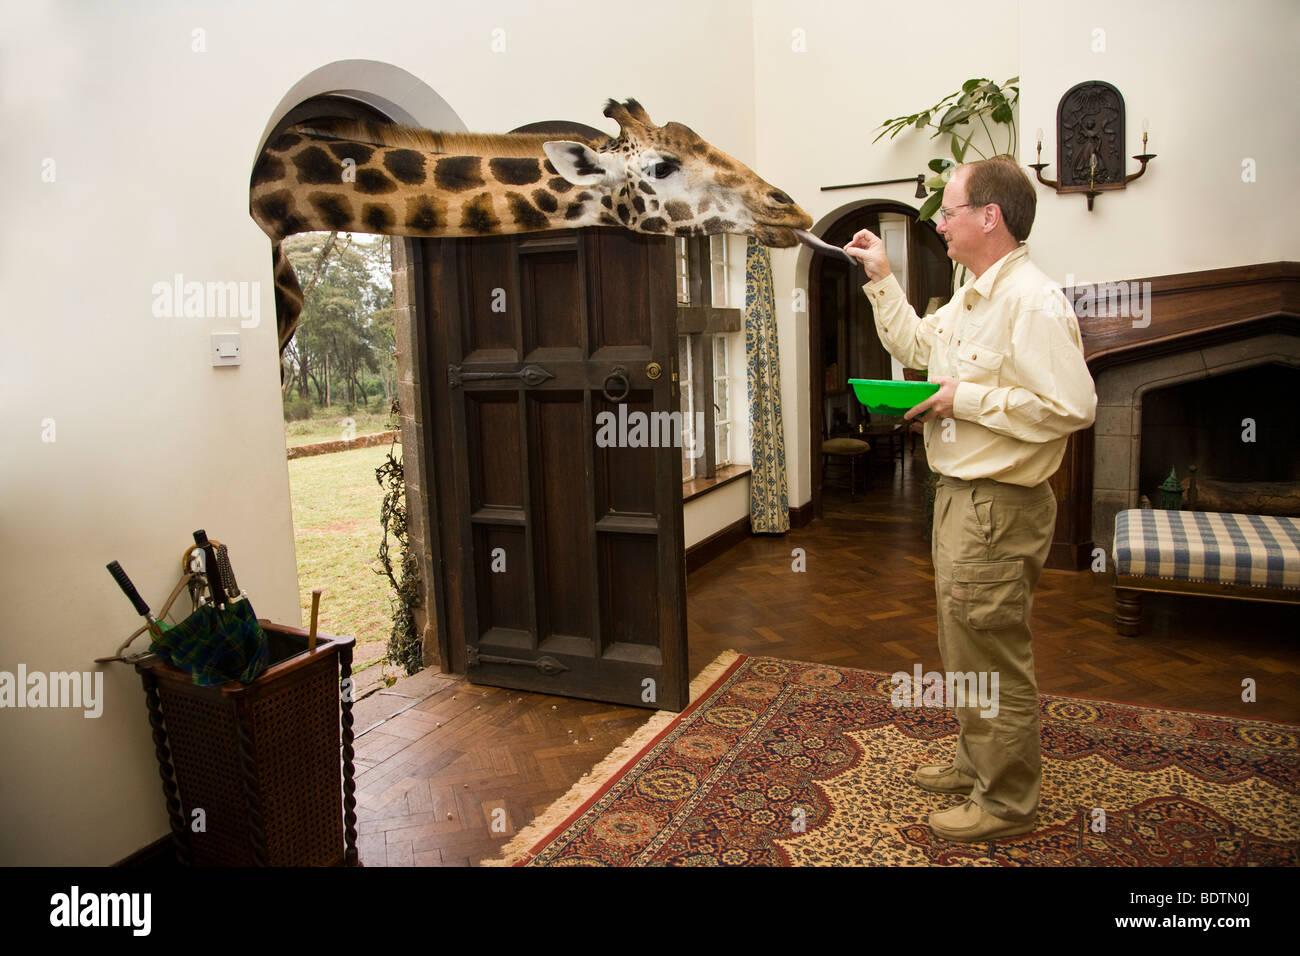 Mannliche Touristen Giraffe Manor Nairobi Kenia Futterung Eine